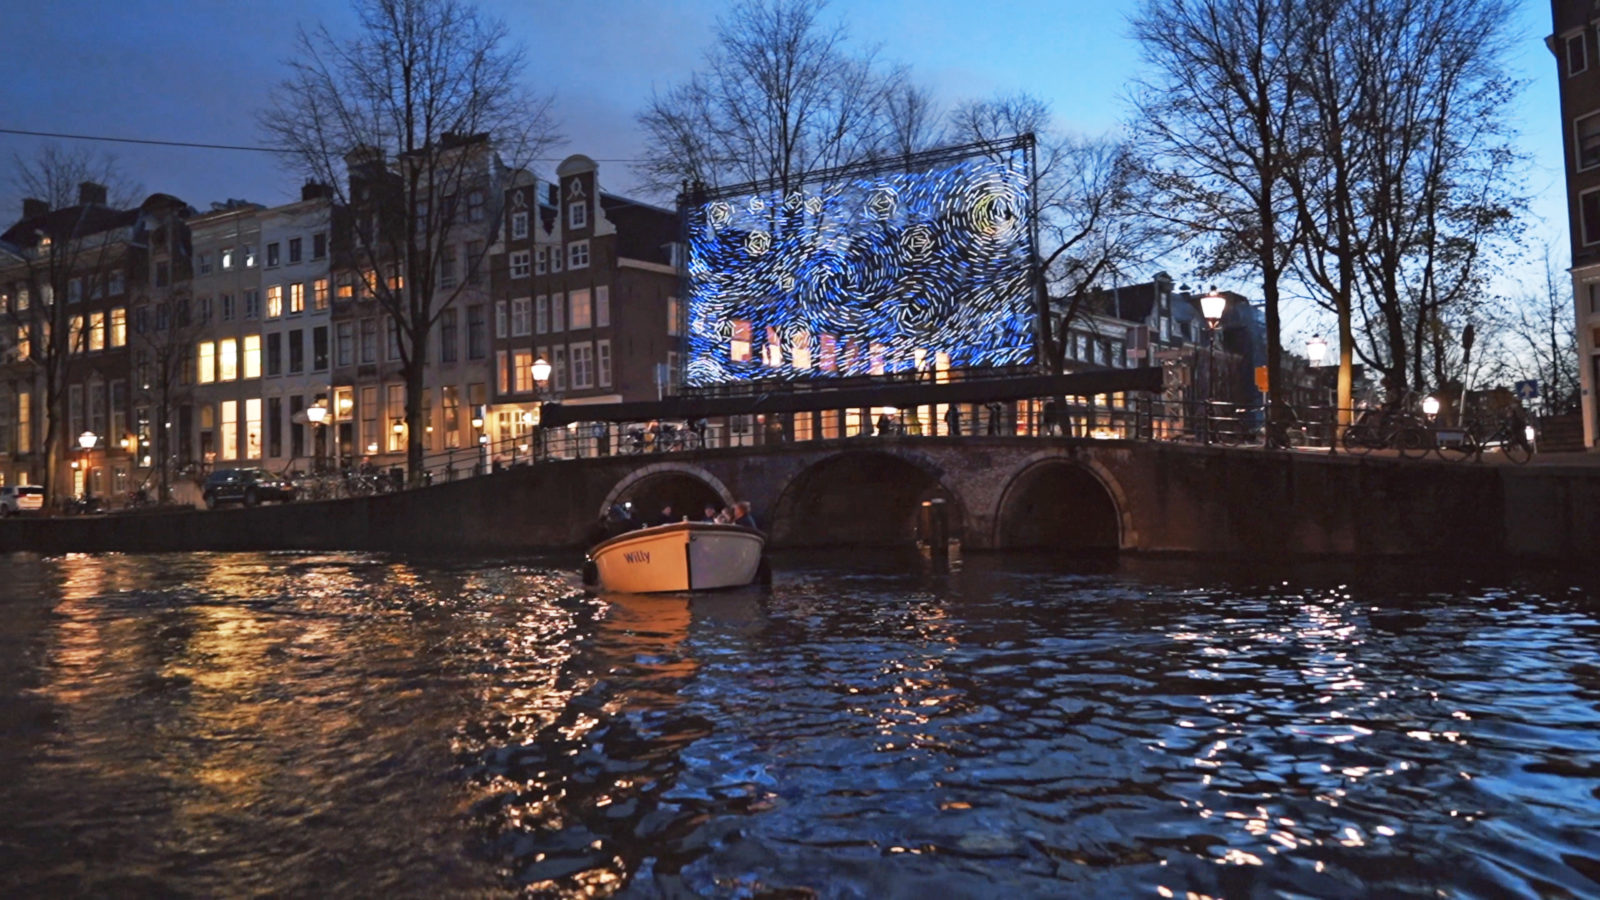 Amsterdam Light Festival Open Boat